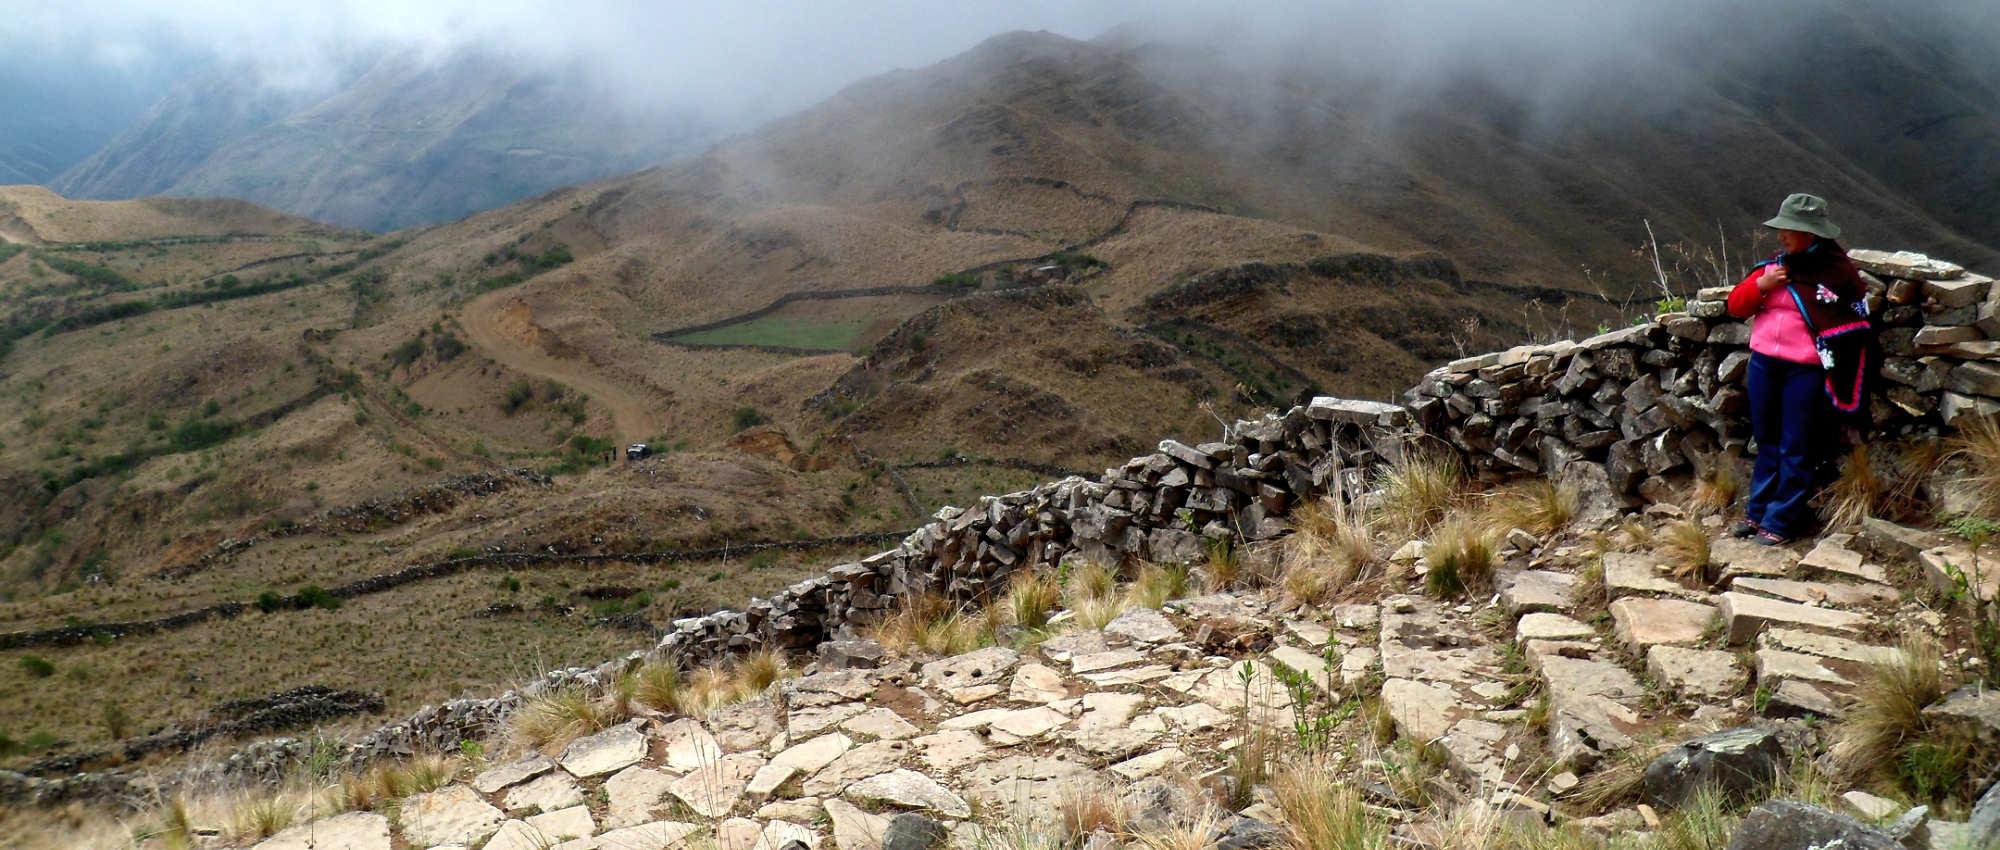 Qhapaq Ñan - Der Große Andenweg